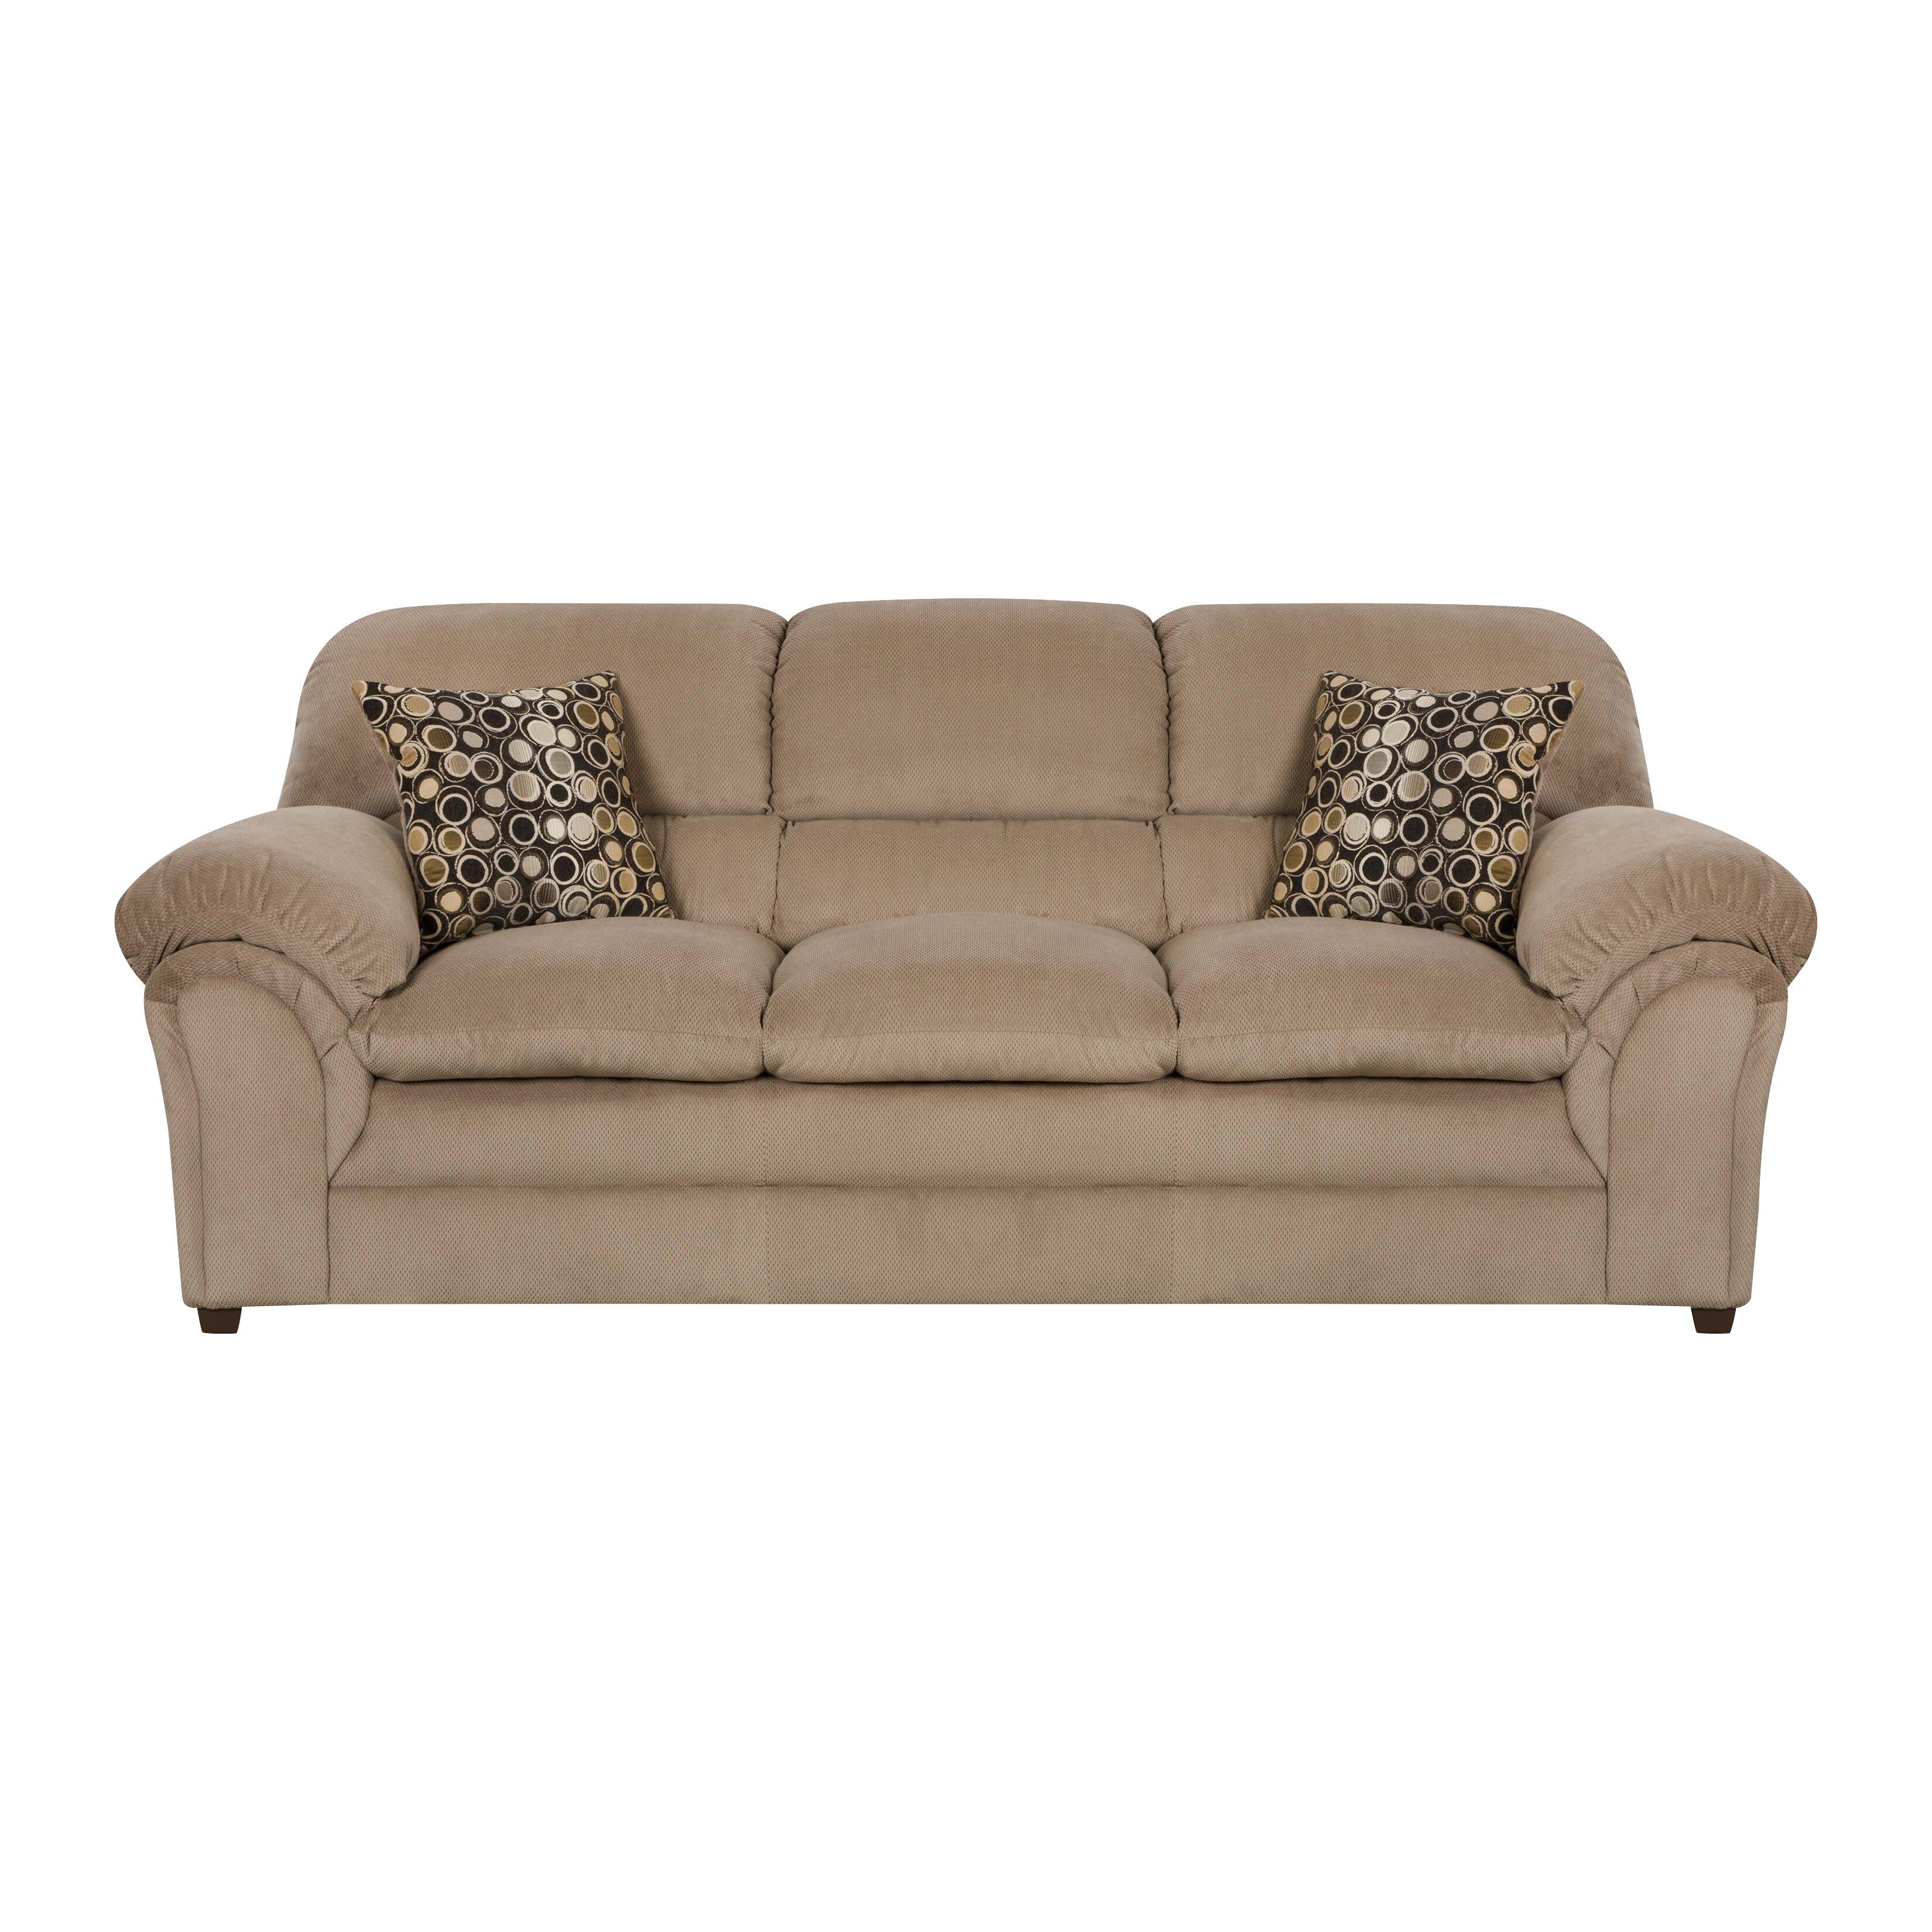 Simmons Upholstery Harper Sofa Reviews Wayfair